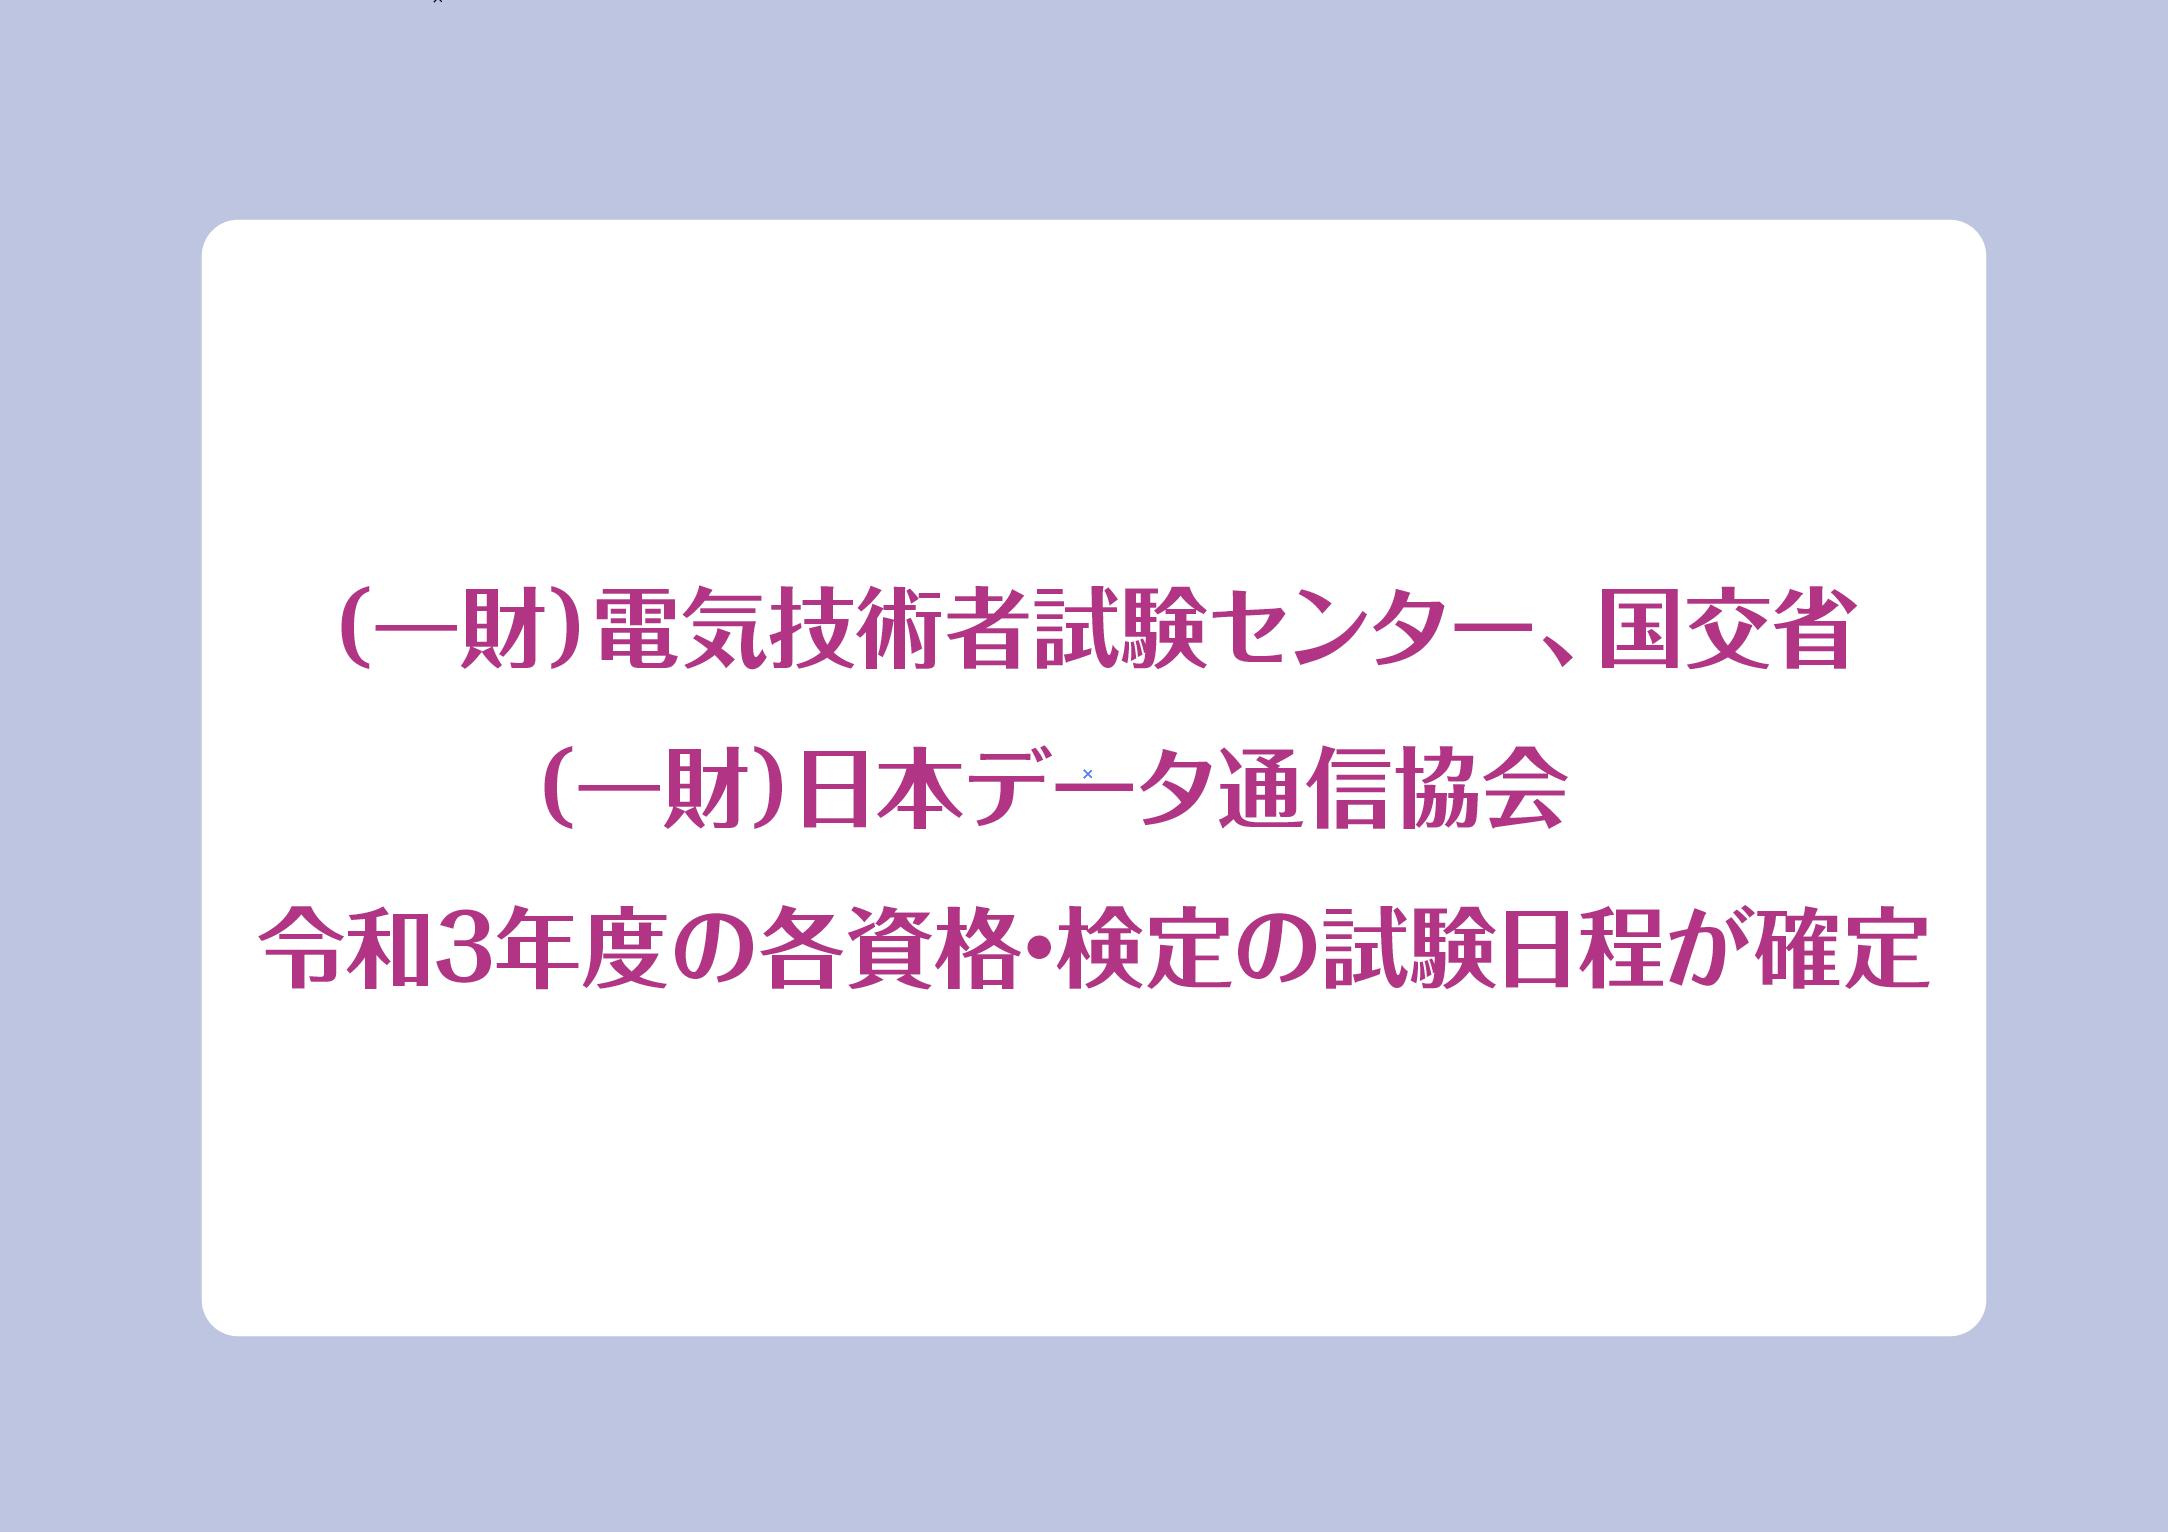 (一財)電気技術者試験センター、国交省、(一財)日本データ通信協会 令和3年度の各資格・検定の試験日程が確定の画像